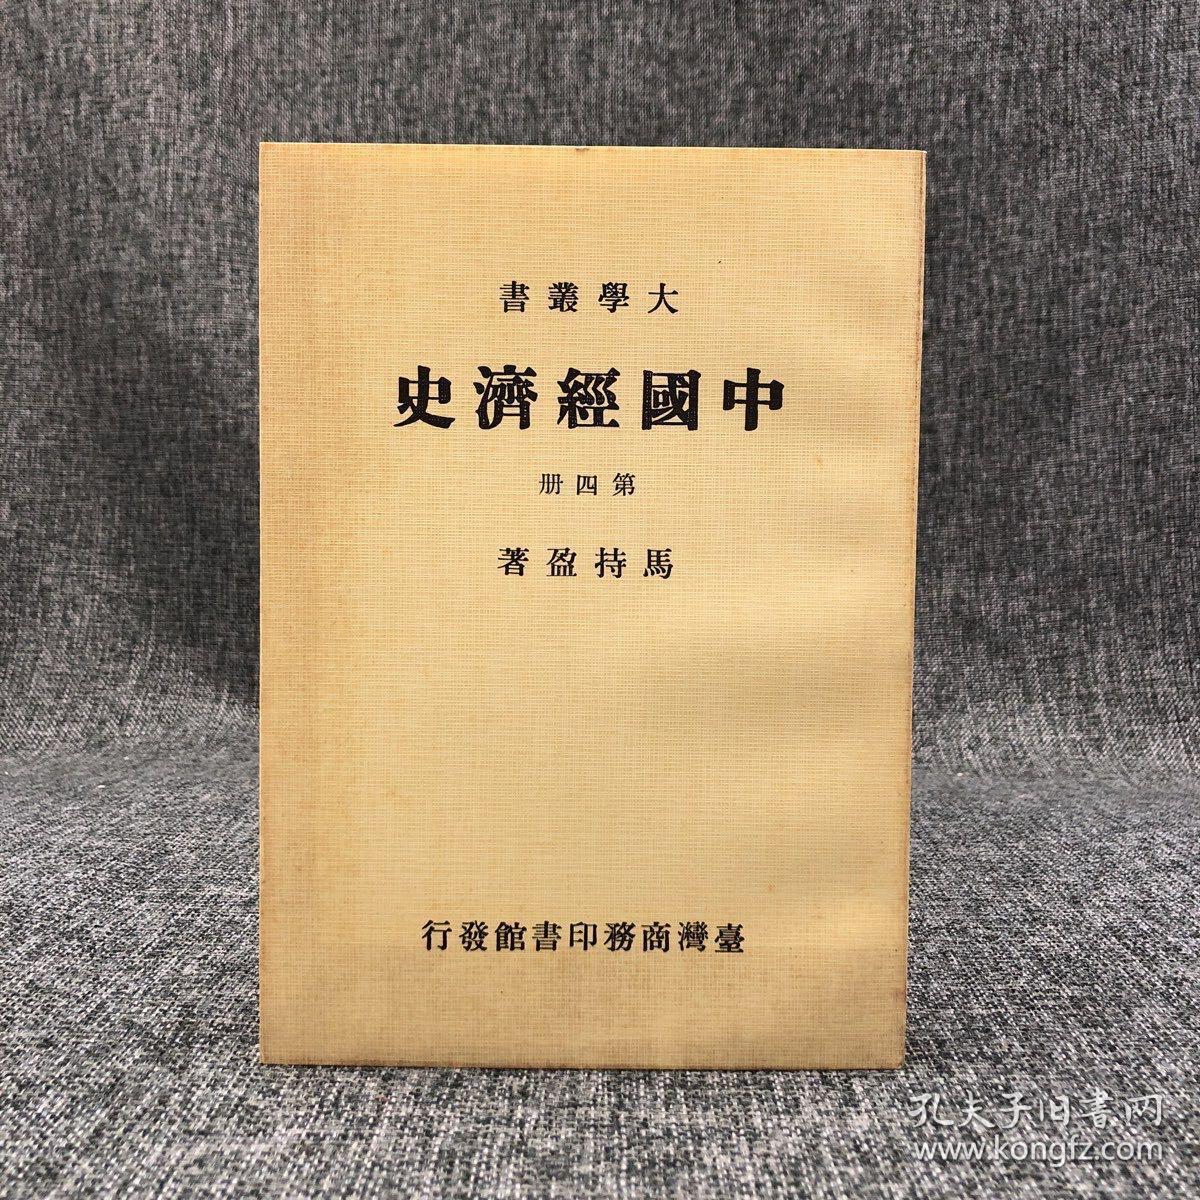 台湾商务版  马持盈《中國經濟史 (四)》